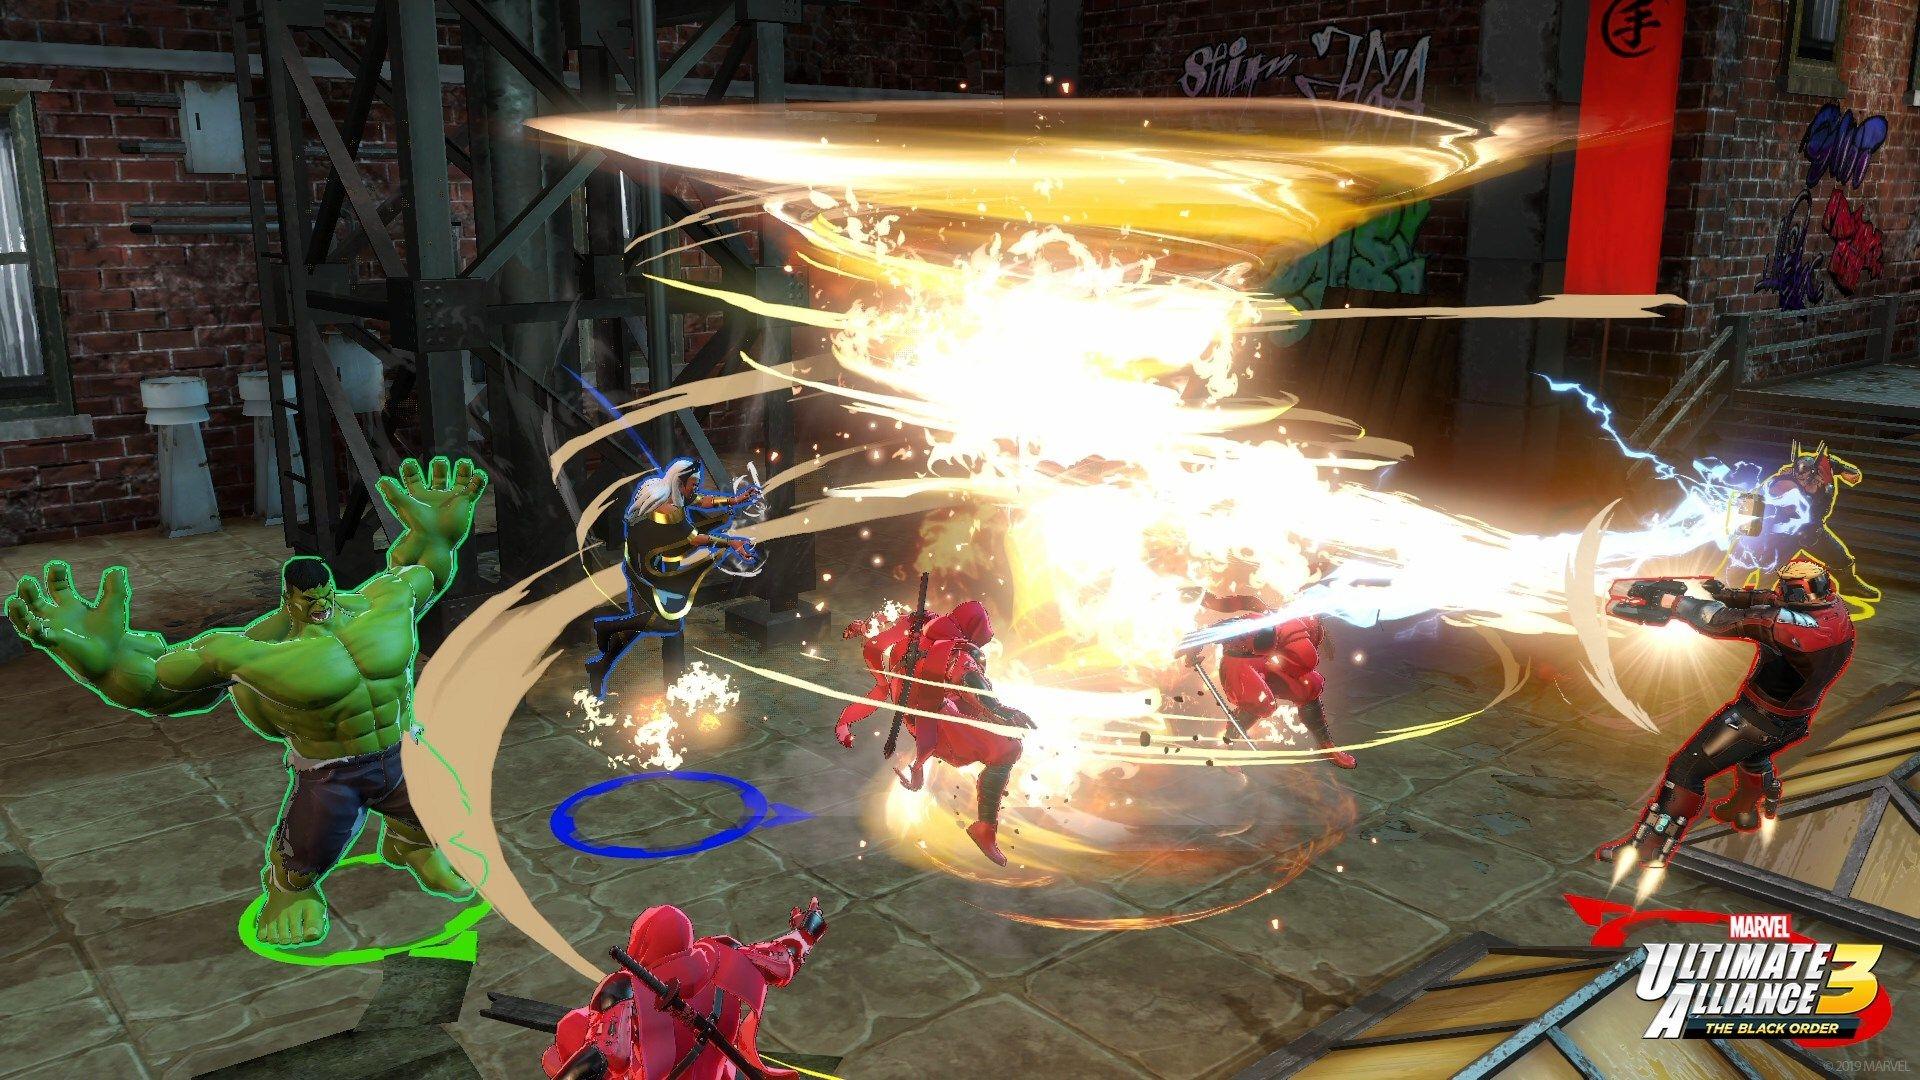 Marvel Ultimate Alliance 3 (6)